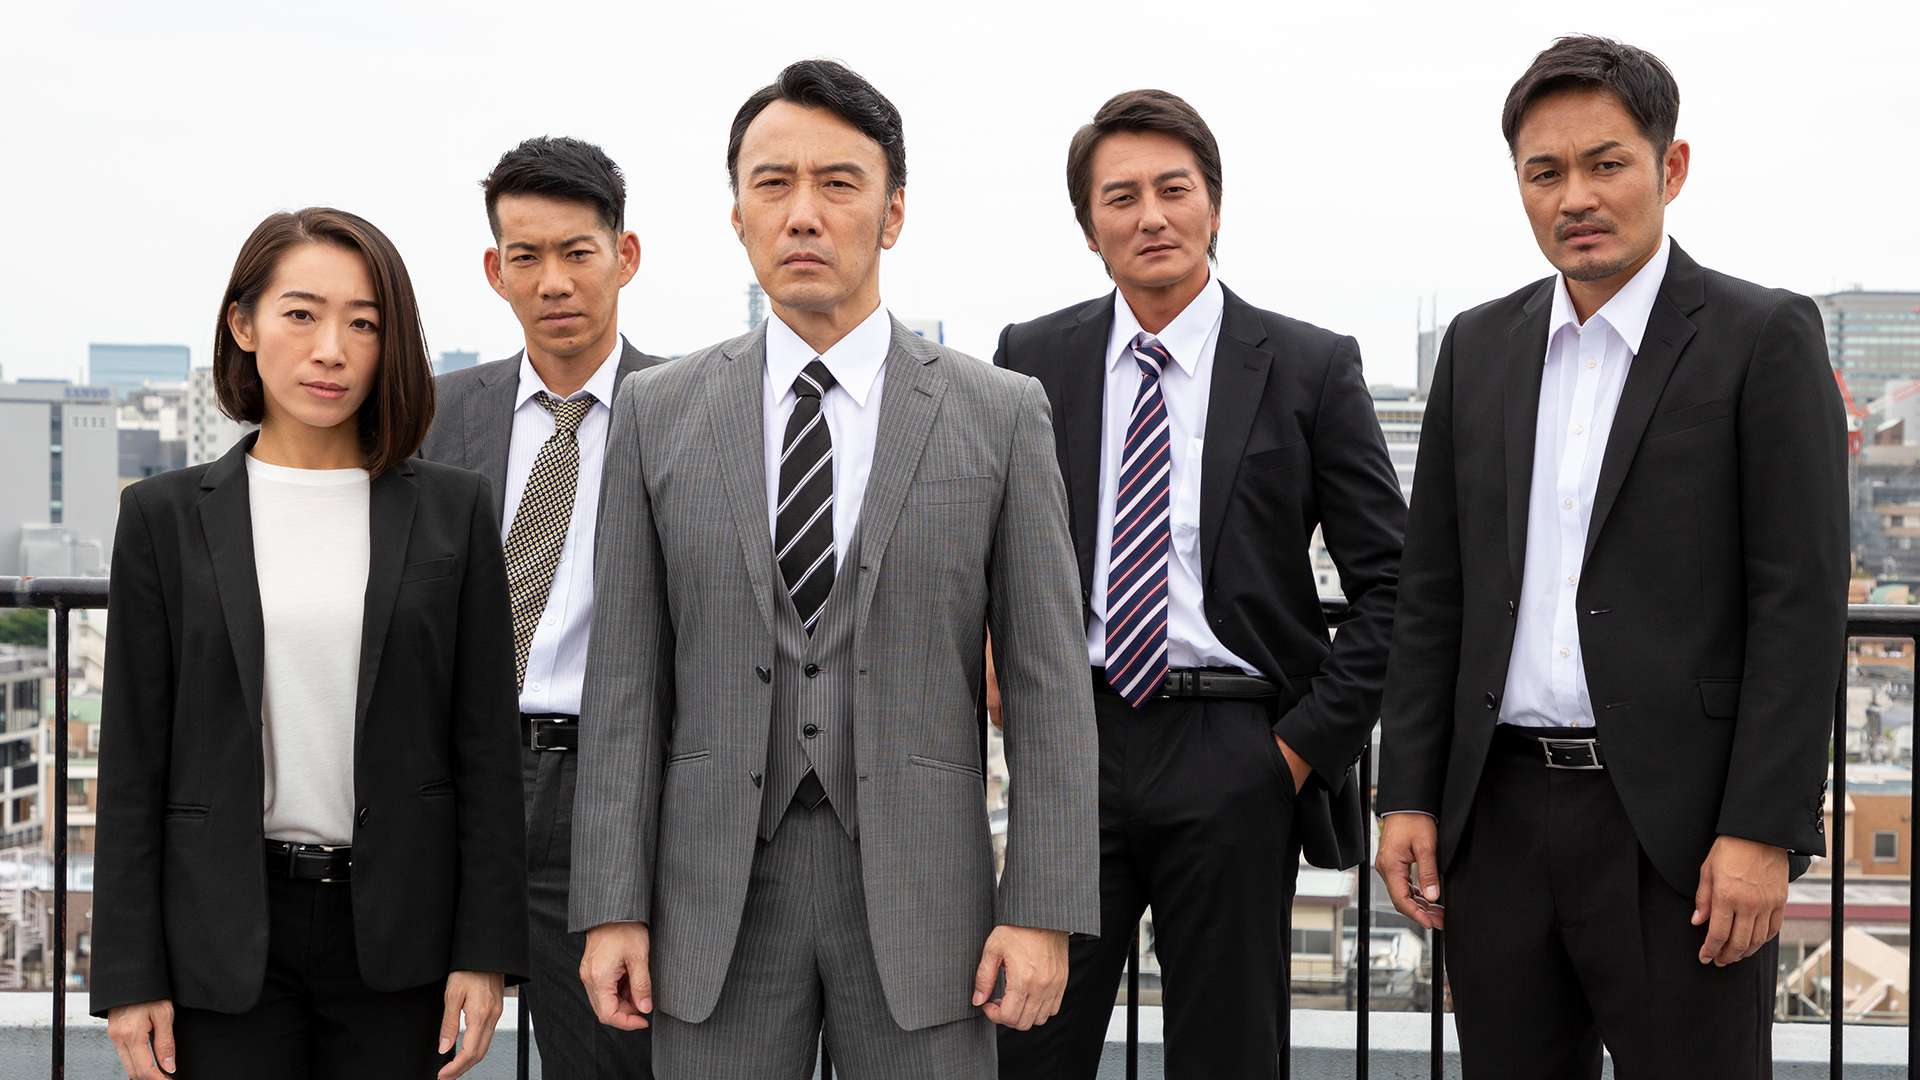 ソタイ 〜組織犯罪対策部vs反社会勢力〜